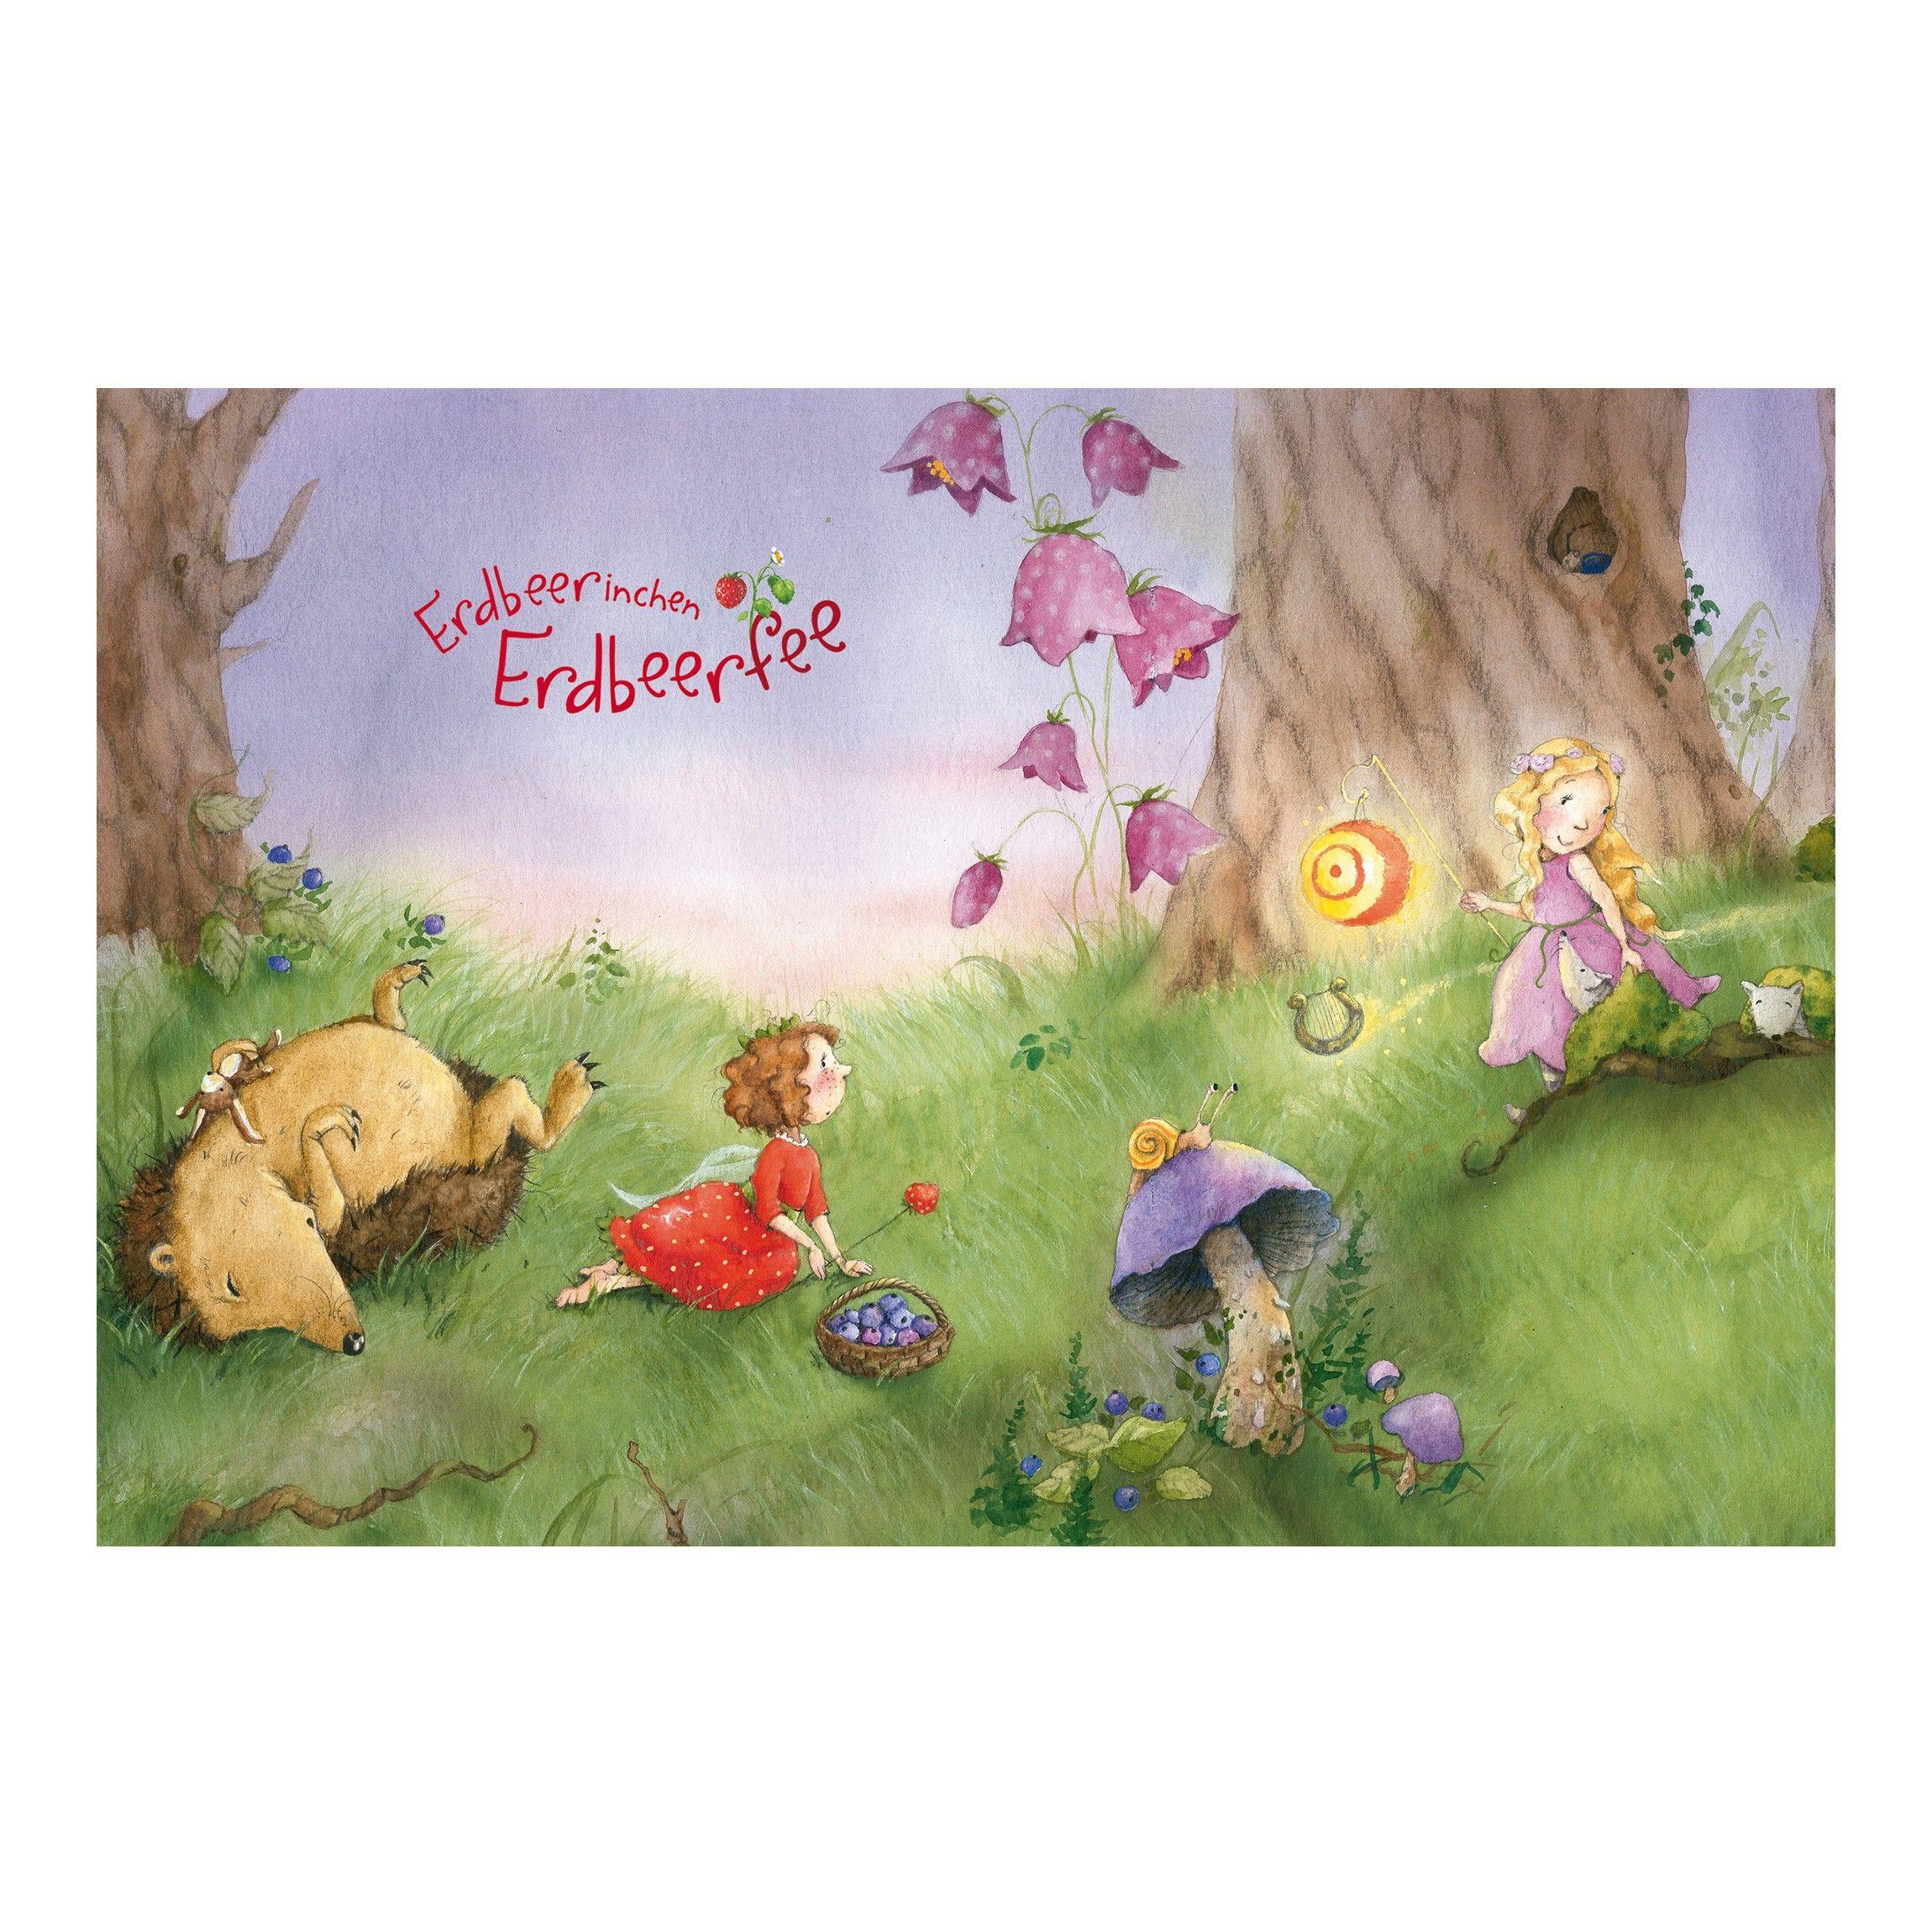 Awesome Kinderzimmer Tapeten Vliestapeten Premium Erdbeerinchen Erdbeerfee Im Wald u